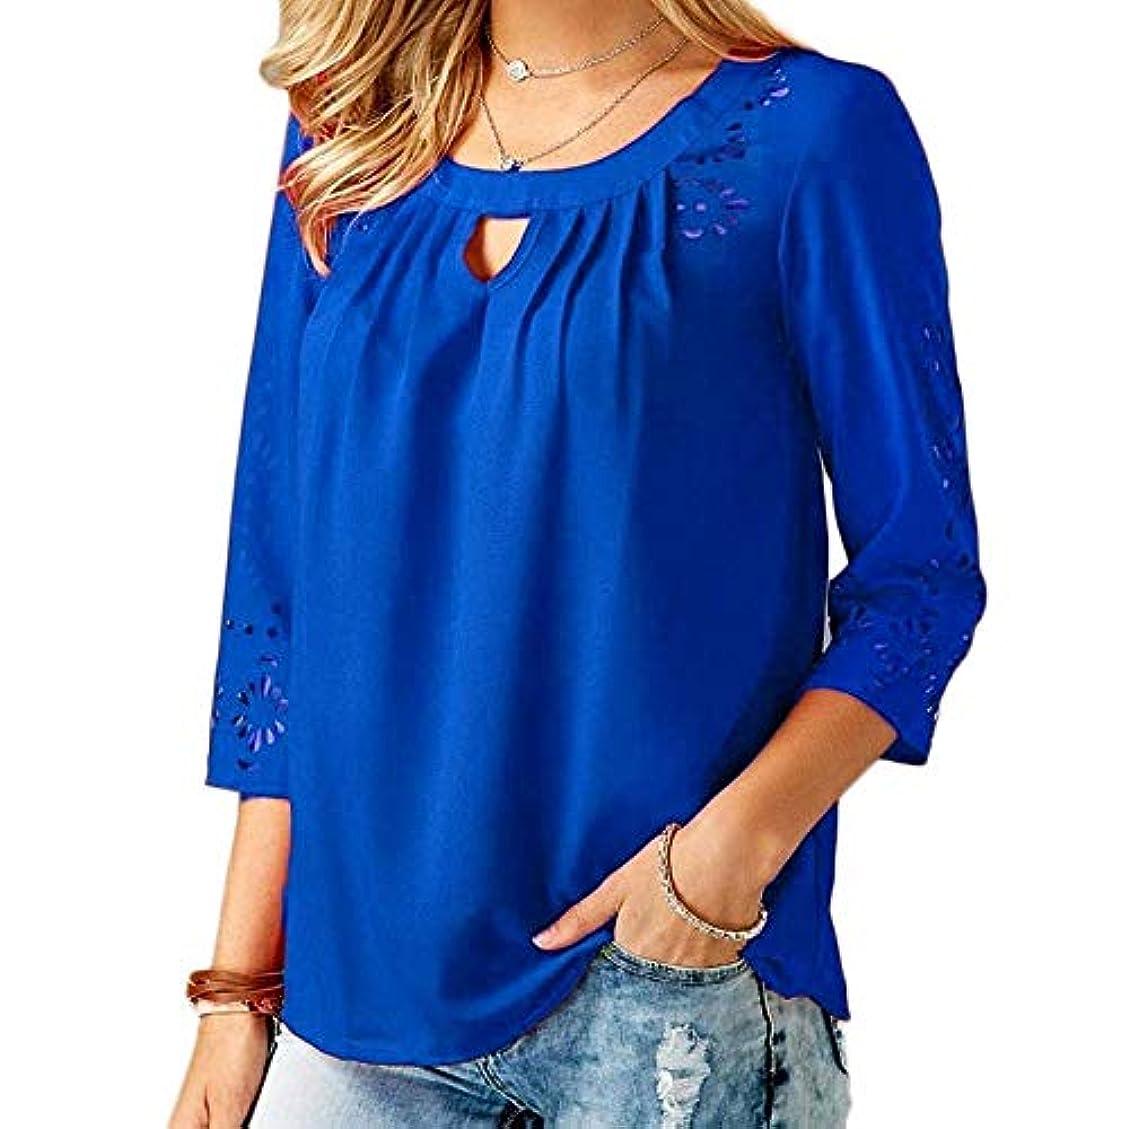 確率こねる微妙MIFAN ゆったりTシャツ、シフォンシャツ、カジュアルシャツ、女性トップ、プラスサイズトップ